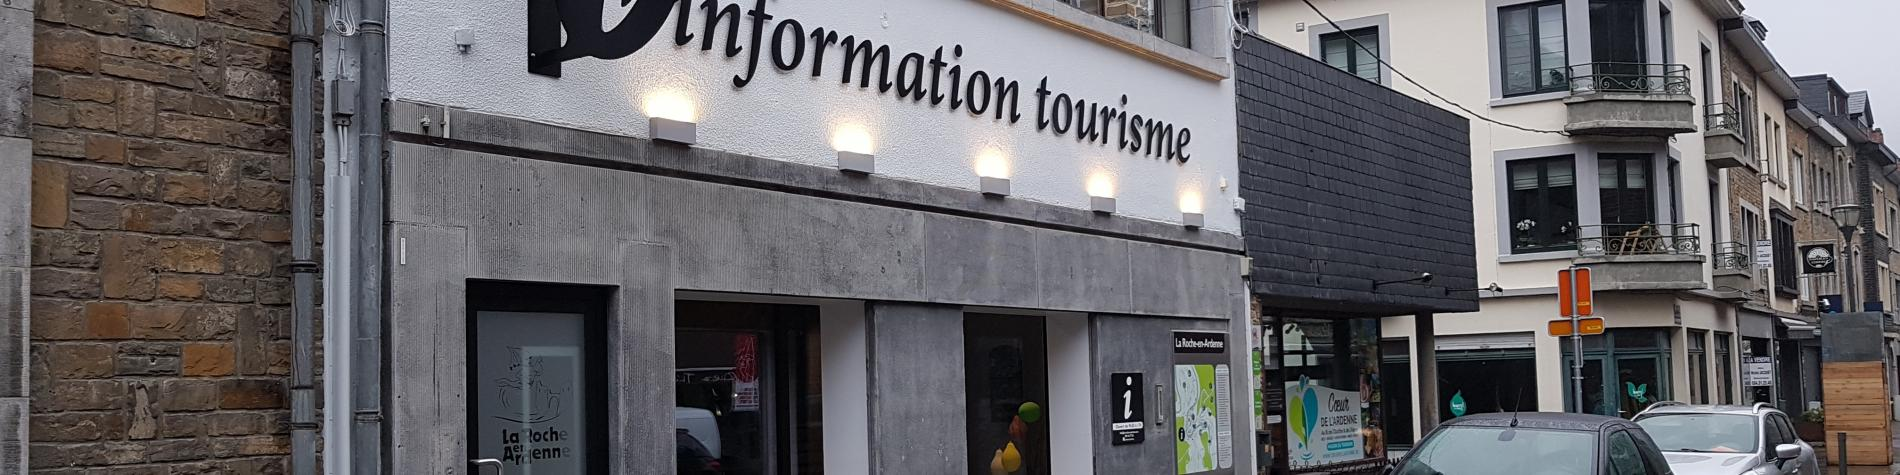 Maison du Tourisme Ourthe&Aisne - Bureau d'accueil